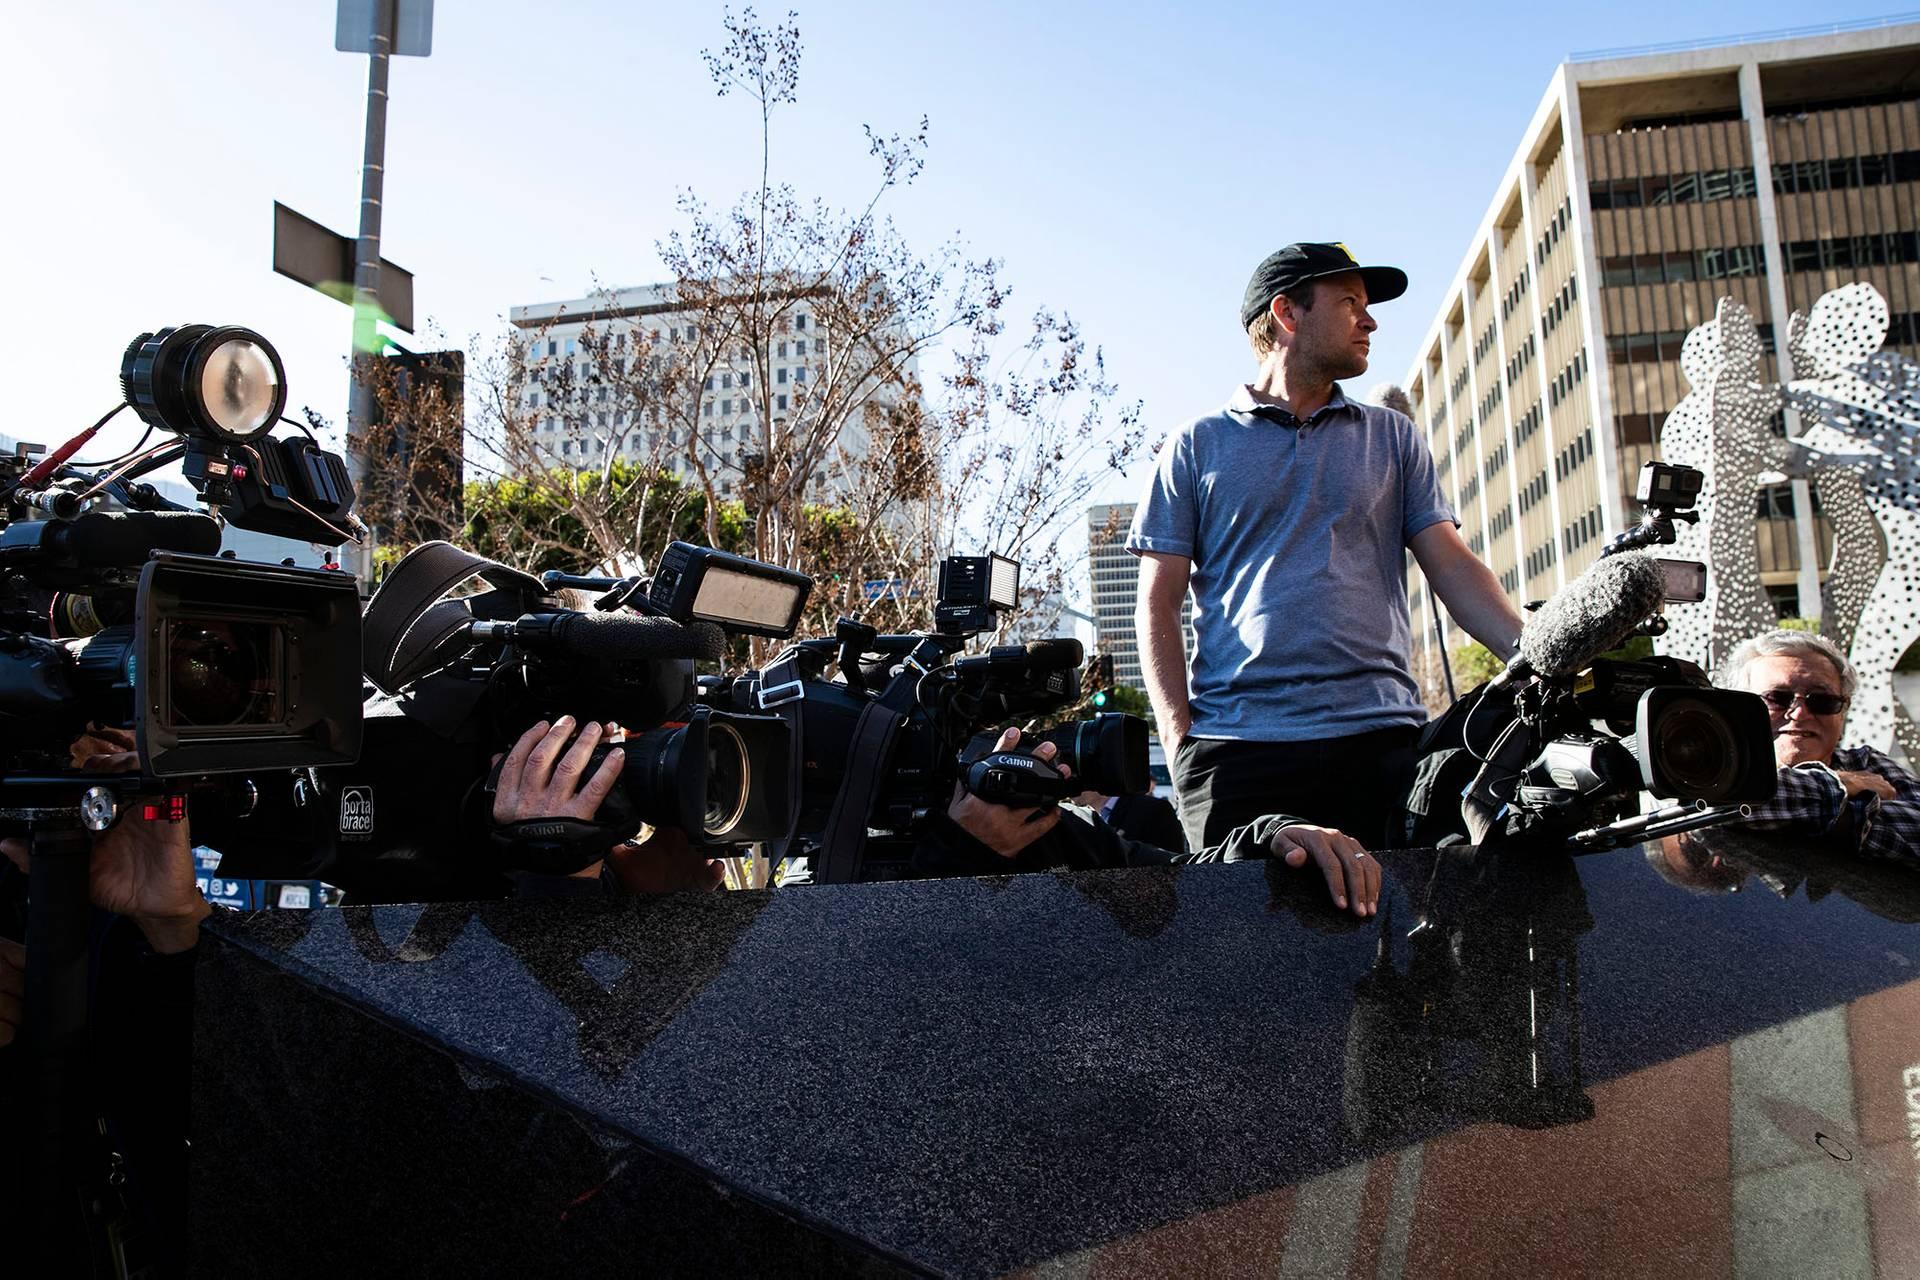 Журналісти та фотографи чекають на акторку Лорі Локлін біля будівлі Федерального суду у Лос-Анджелесі, Каліфорнія, США, 13 березня 2019 року